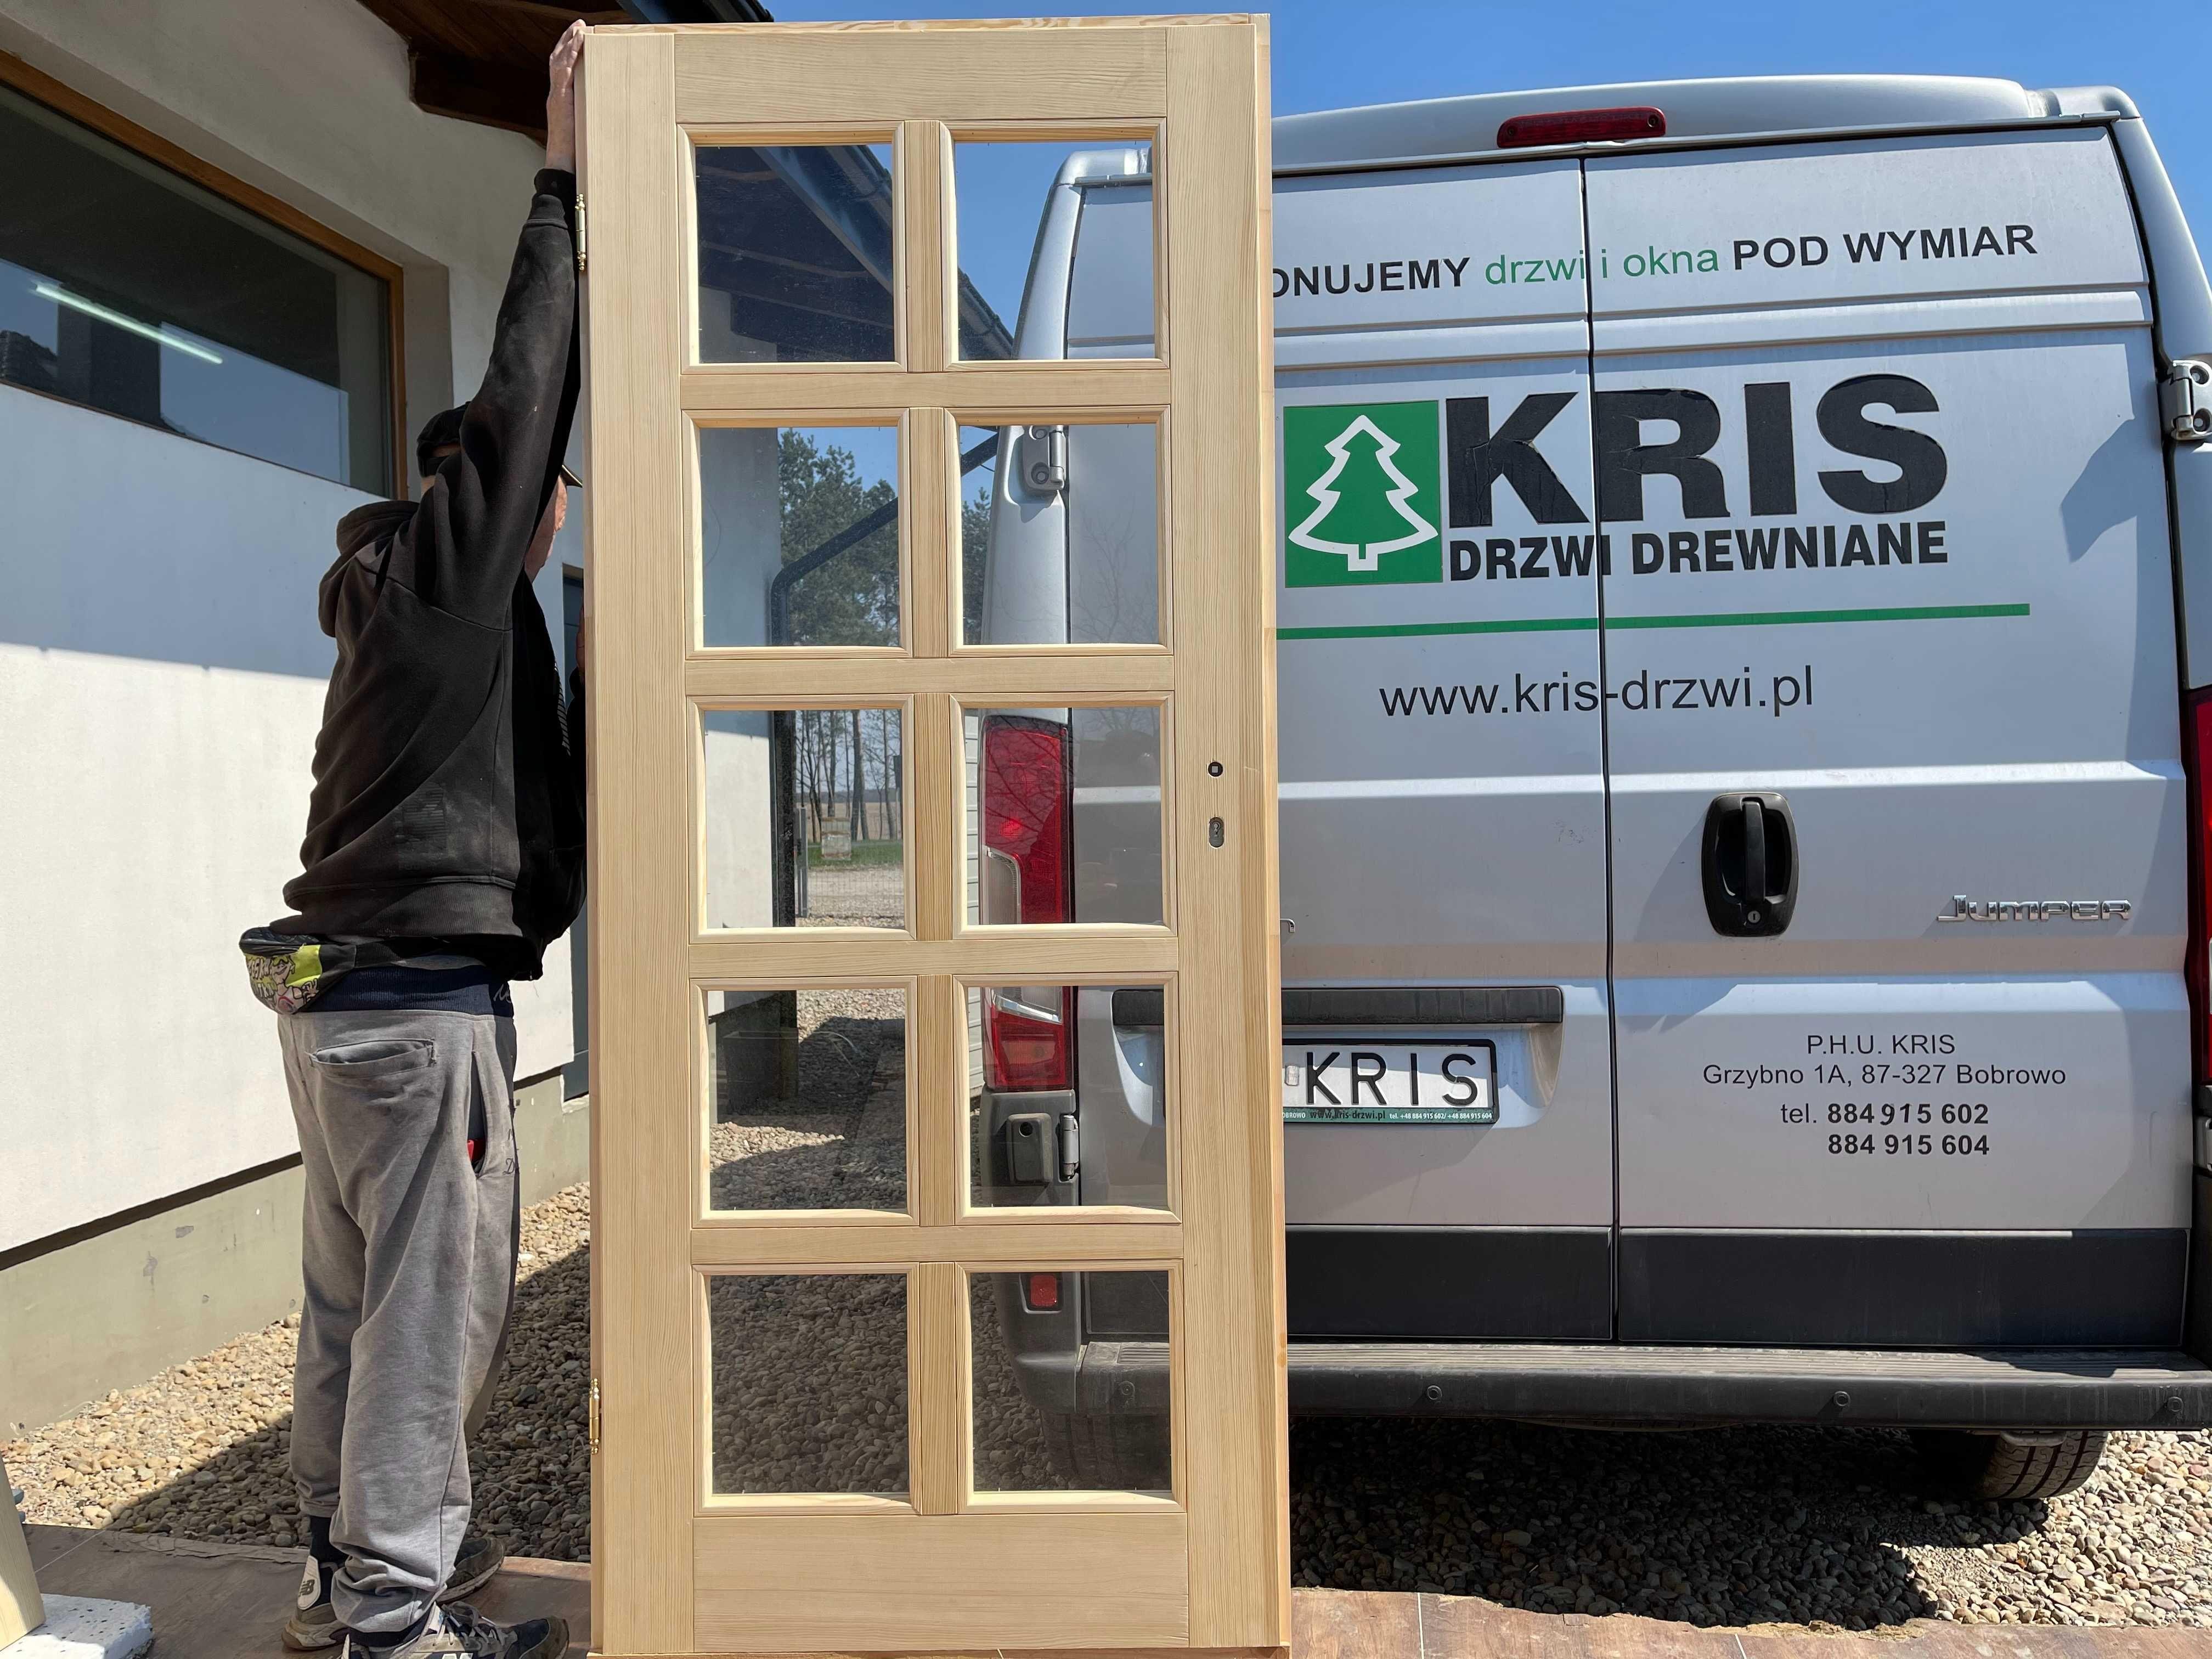 Drzwi zewnętrzne sosnowe drewniane z szybą i oscieżnicą CAŁA POLSKA